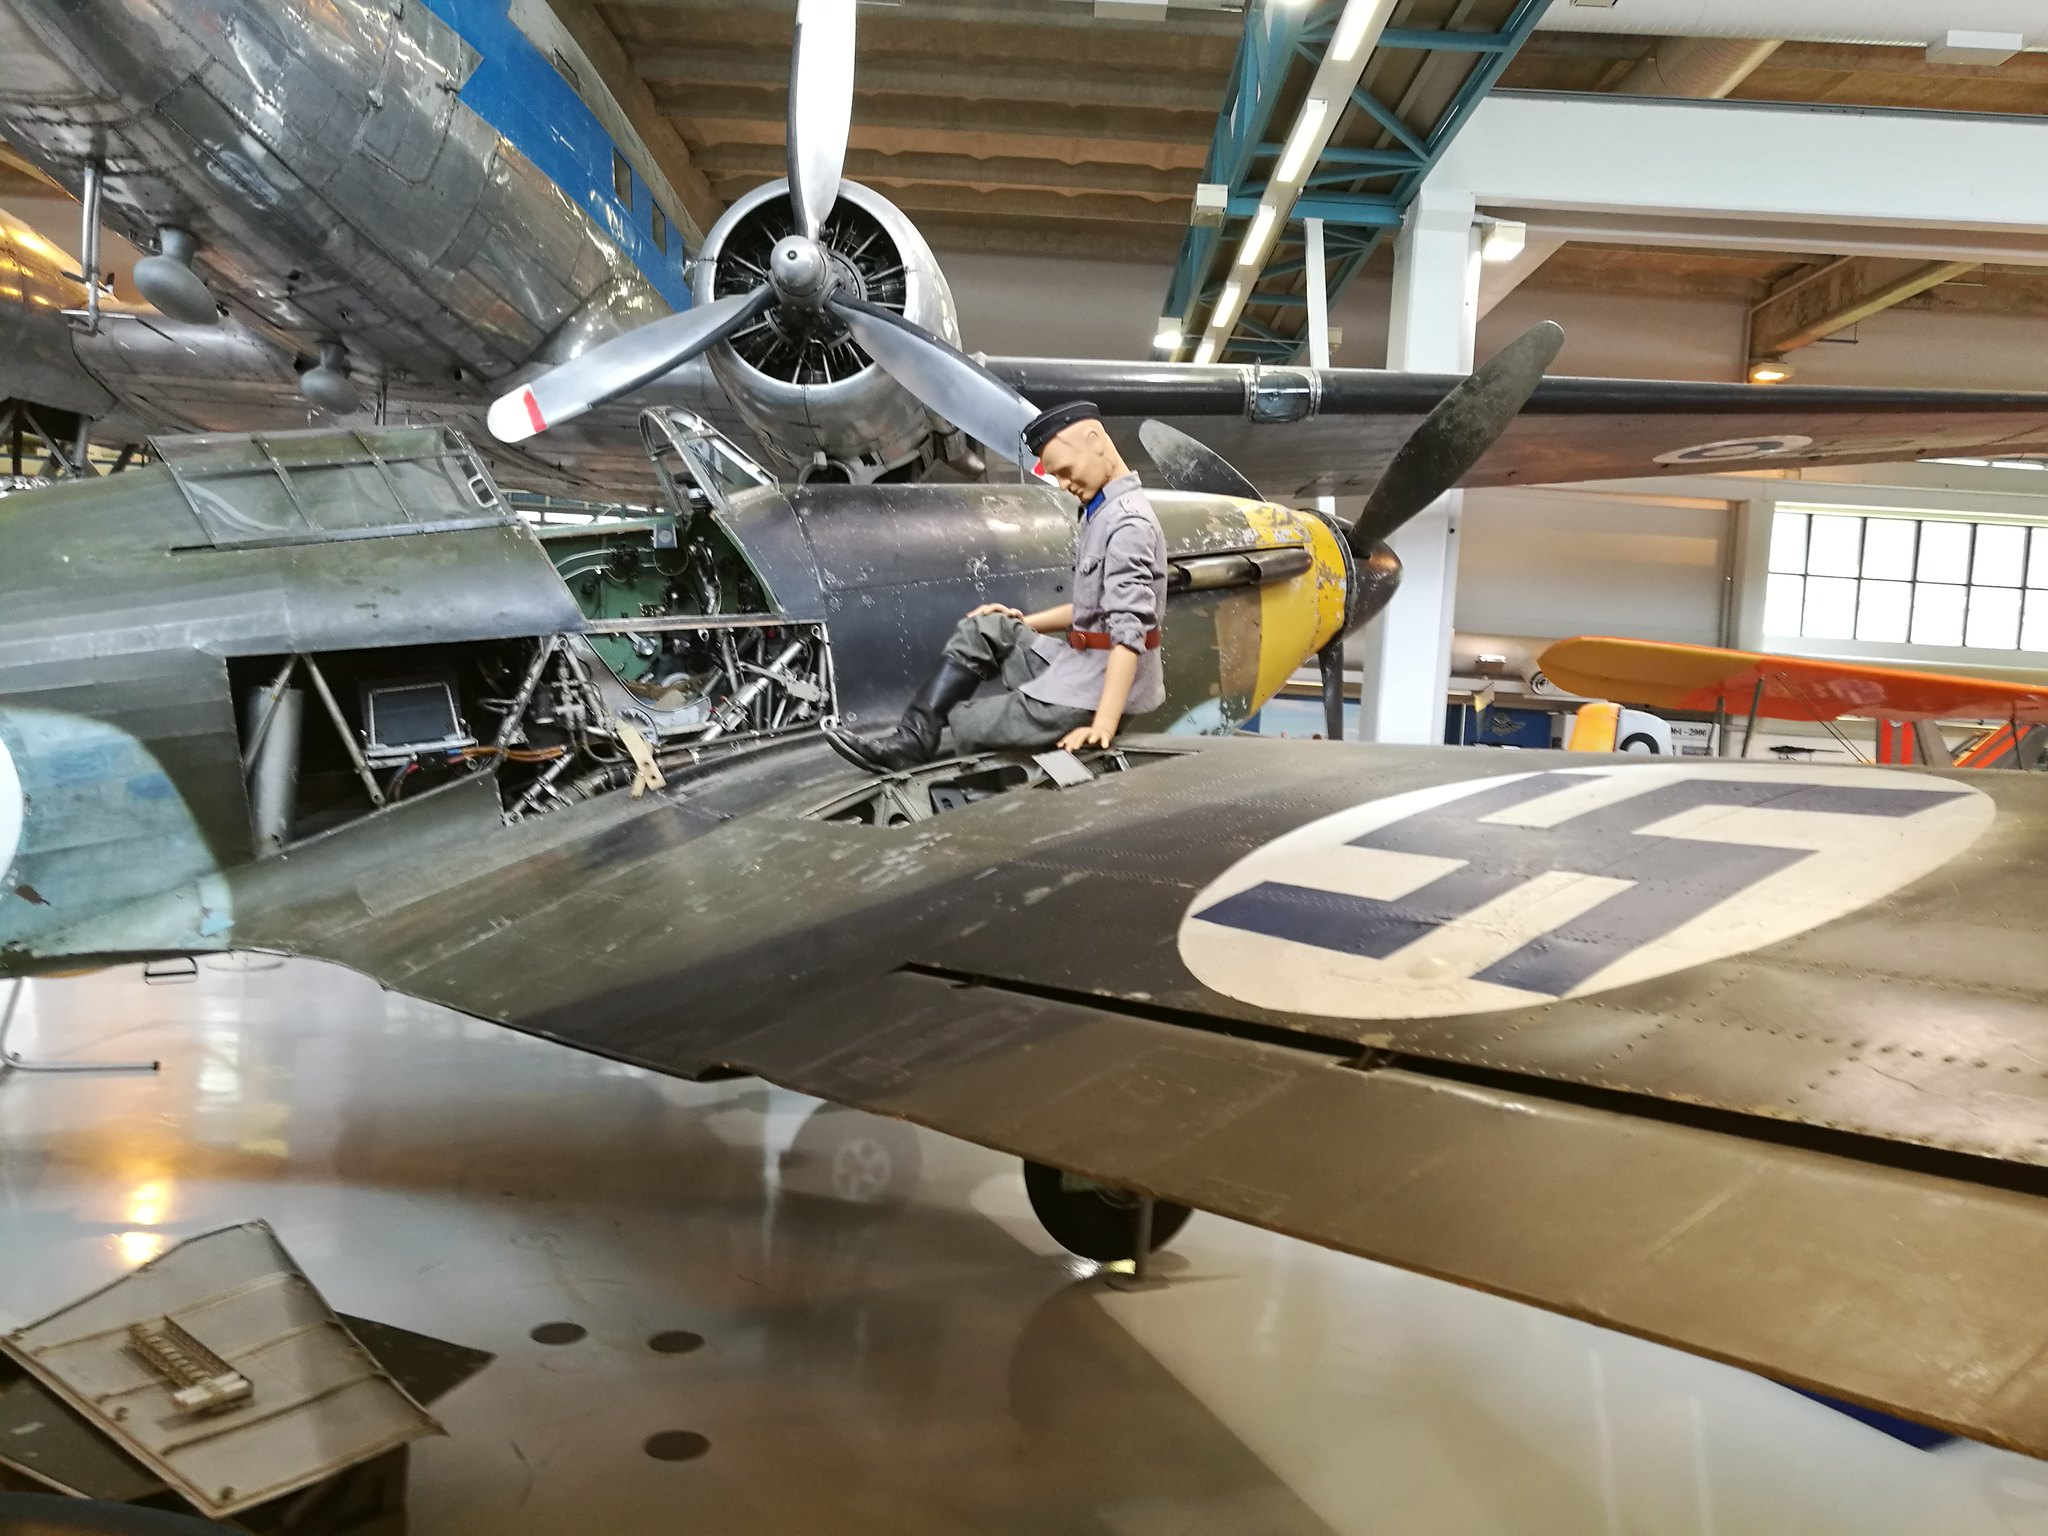 Hemkommen från semester i Finland med utflykt till Finlands Flygvapenmuseum. 48287484262_204cbfda46_k